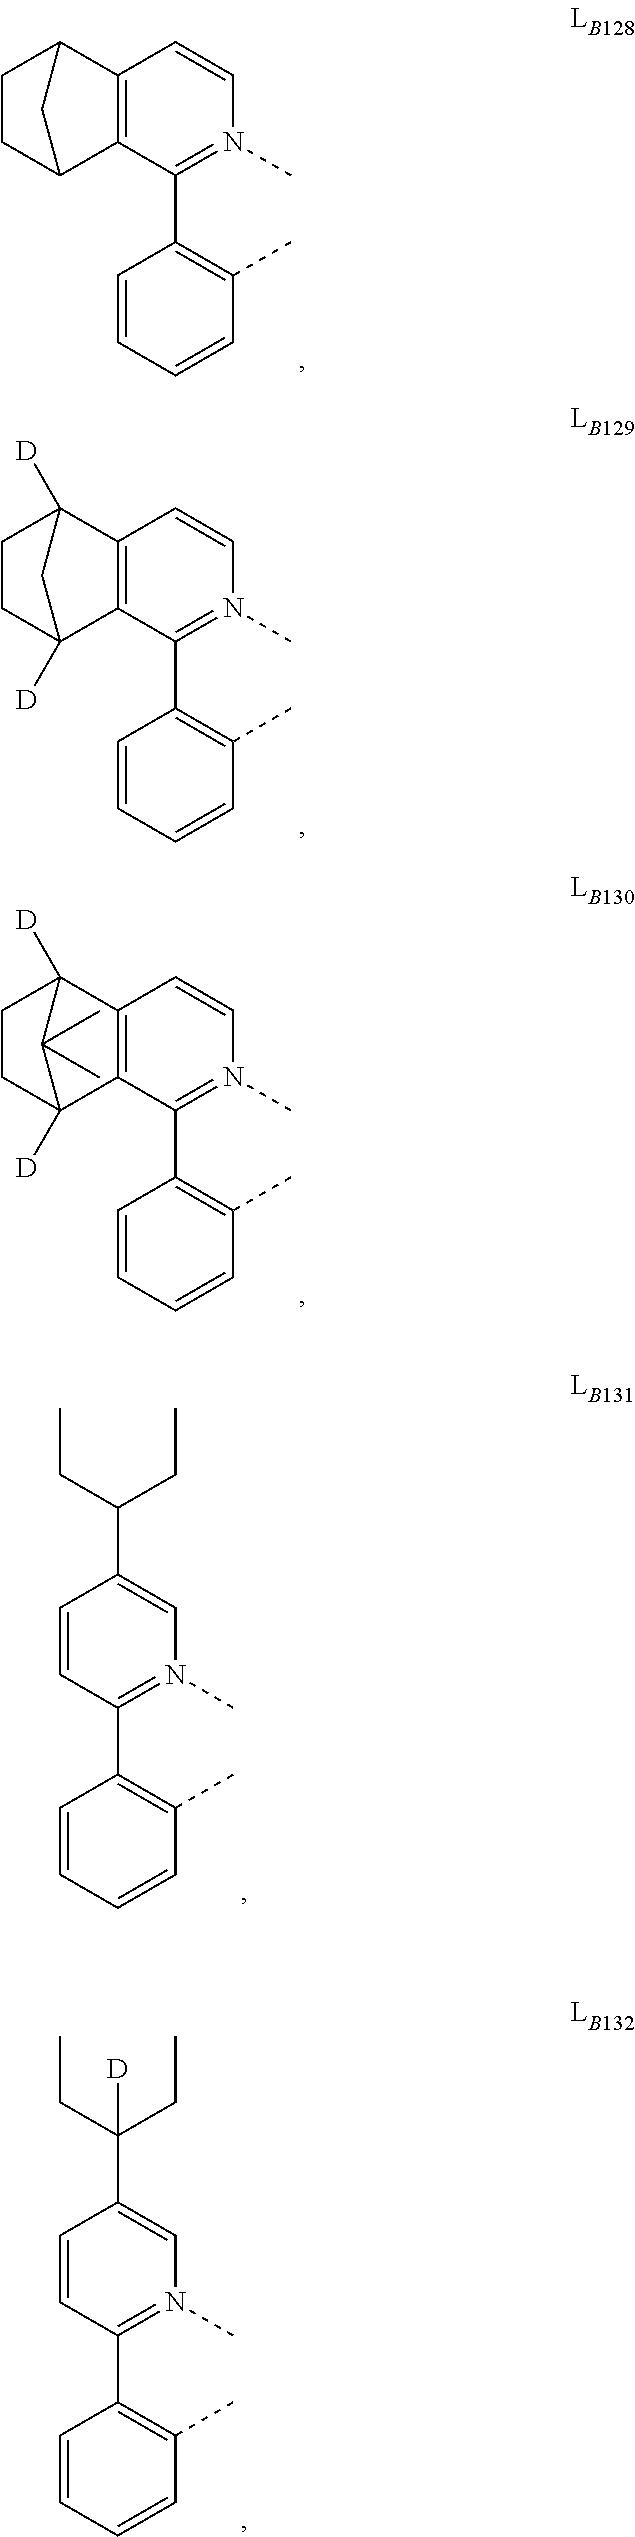 Figure US20160049599A1-20160218-C00139